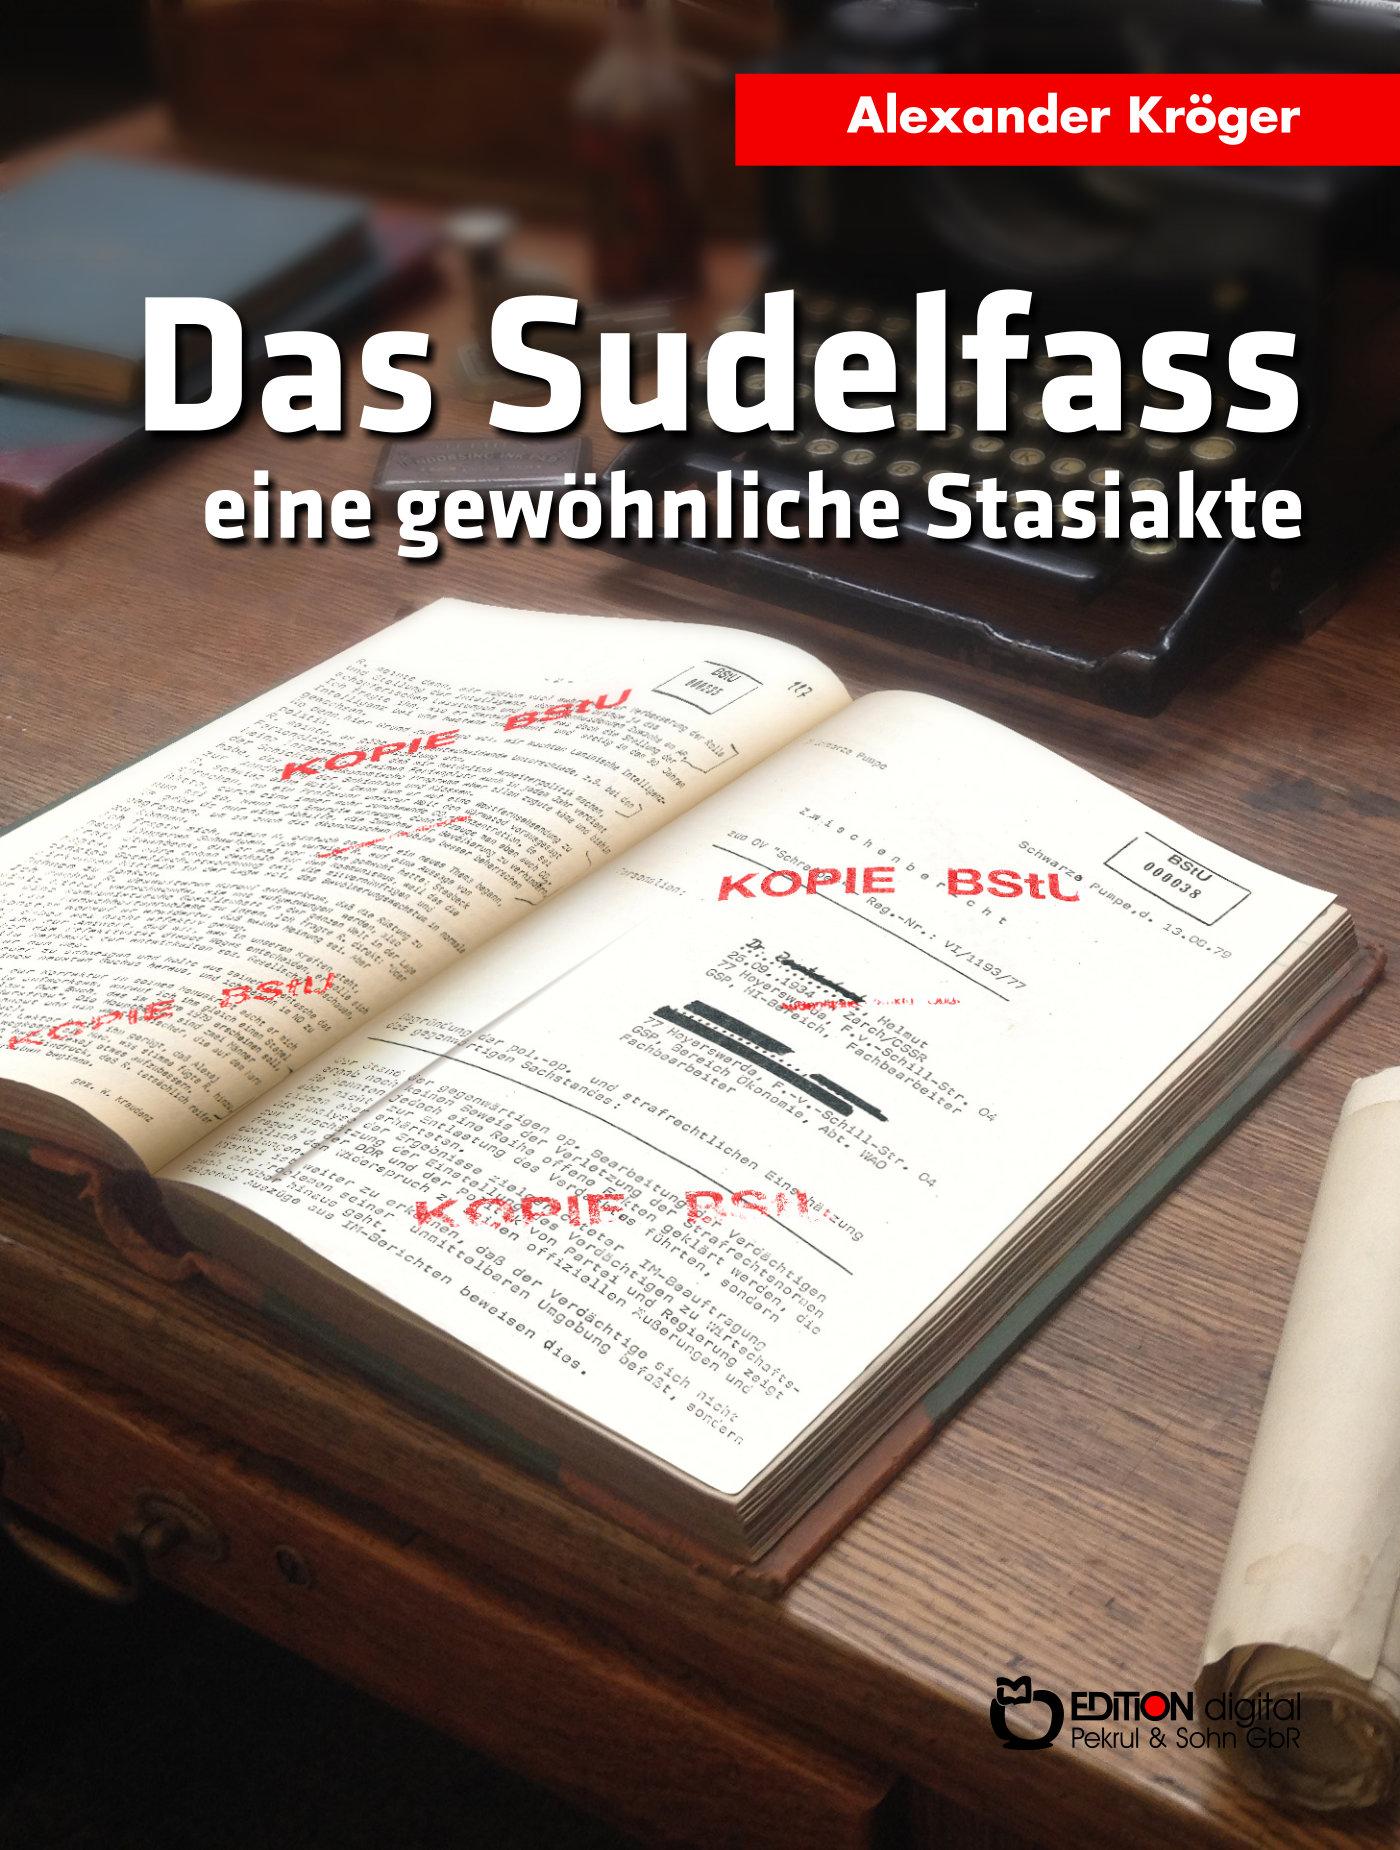 Das Sudelfass. Eine gewöhnliche Stasiakte von Alexander Kröger